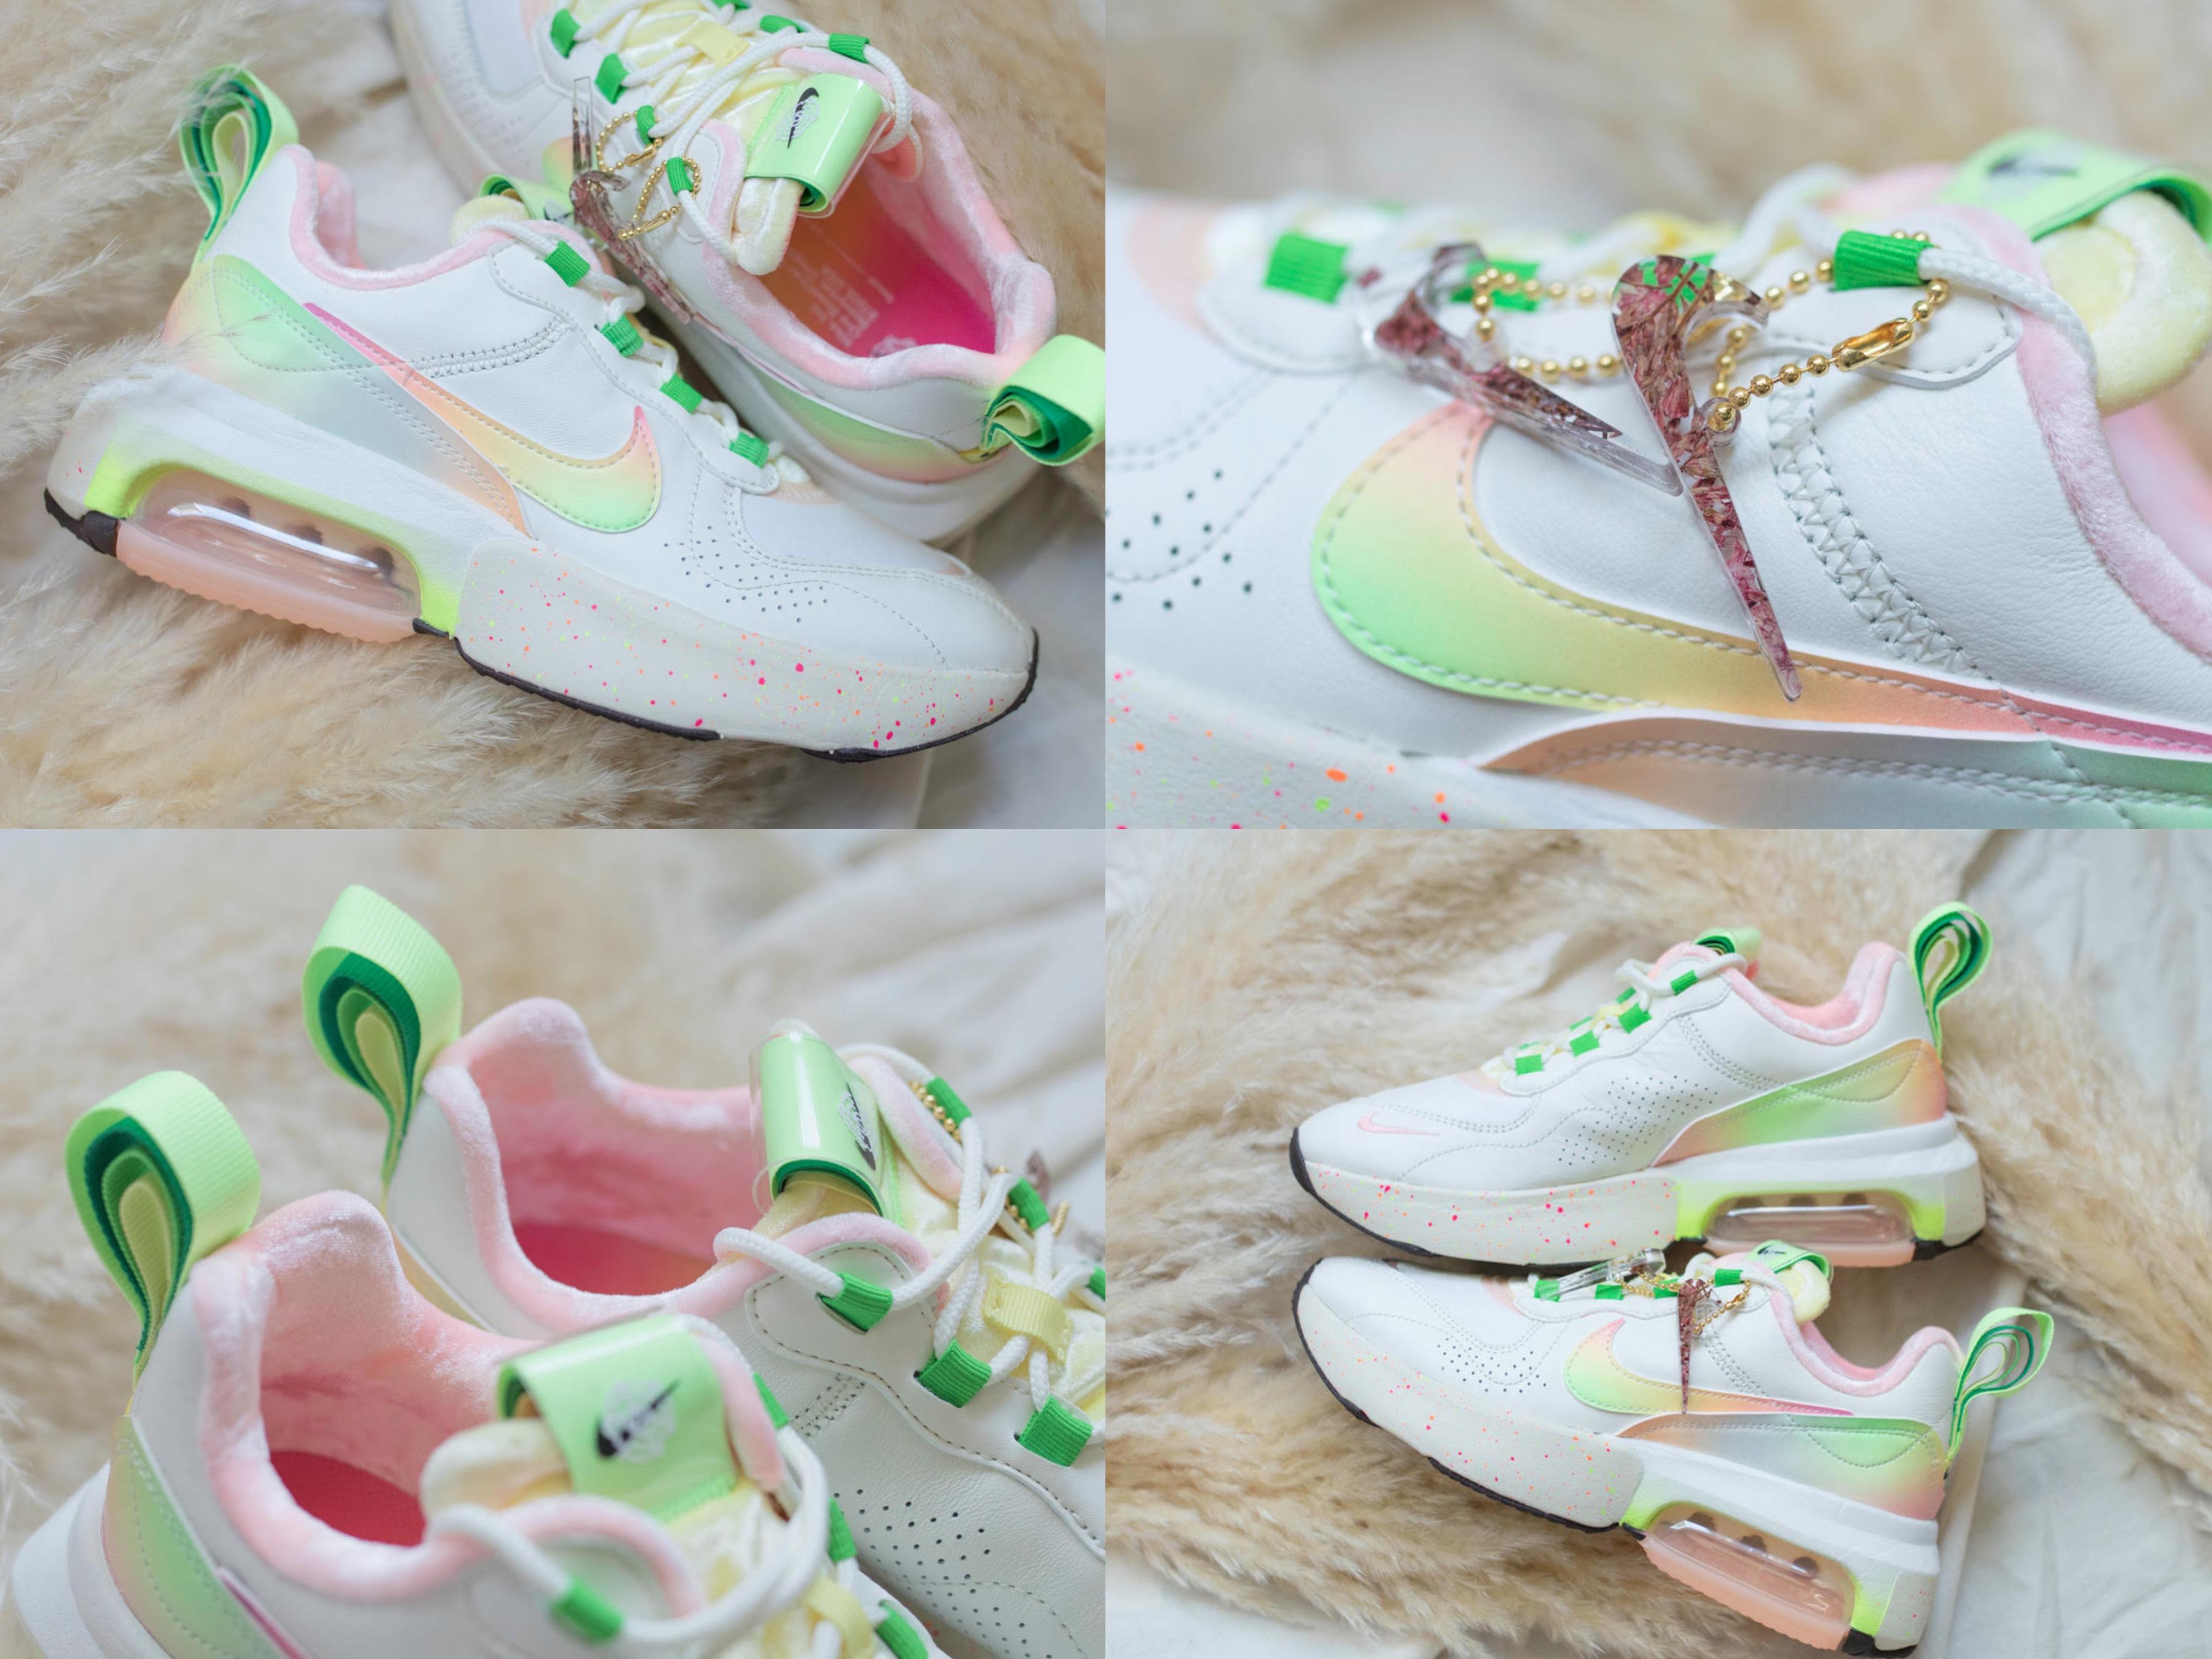 NIKE AIR MAX VERONA,NT$5400 採用四種不同綠色系的鞋後跟拉環更是大膽且別出心裁